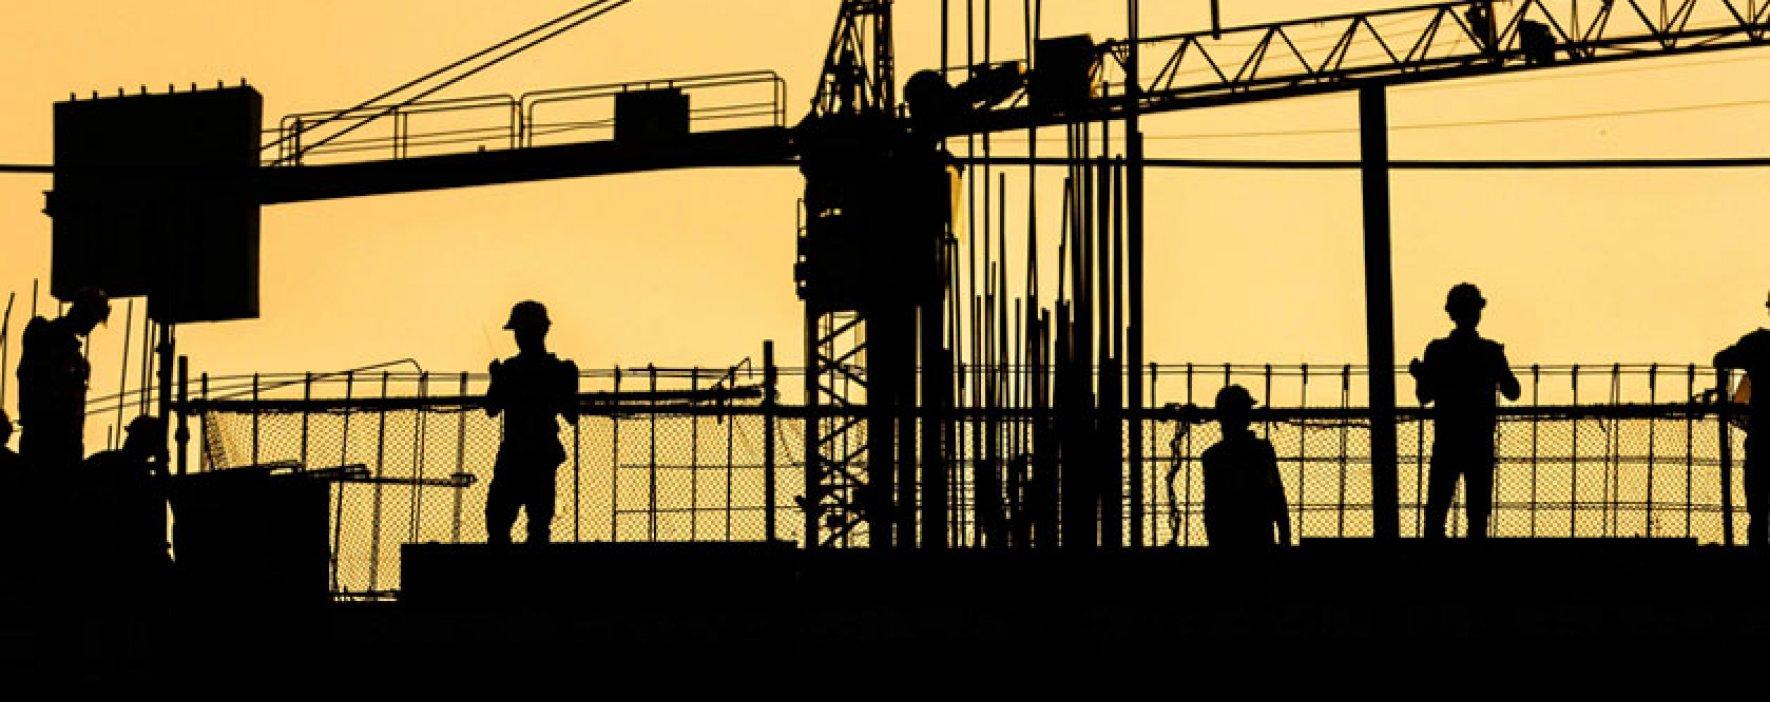 Con reactivación de construcción, en 2022 sector sumará 1,3 millones de empleos